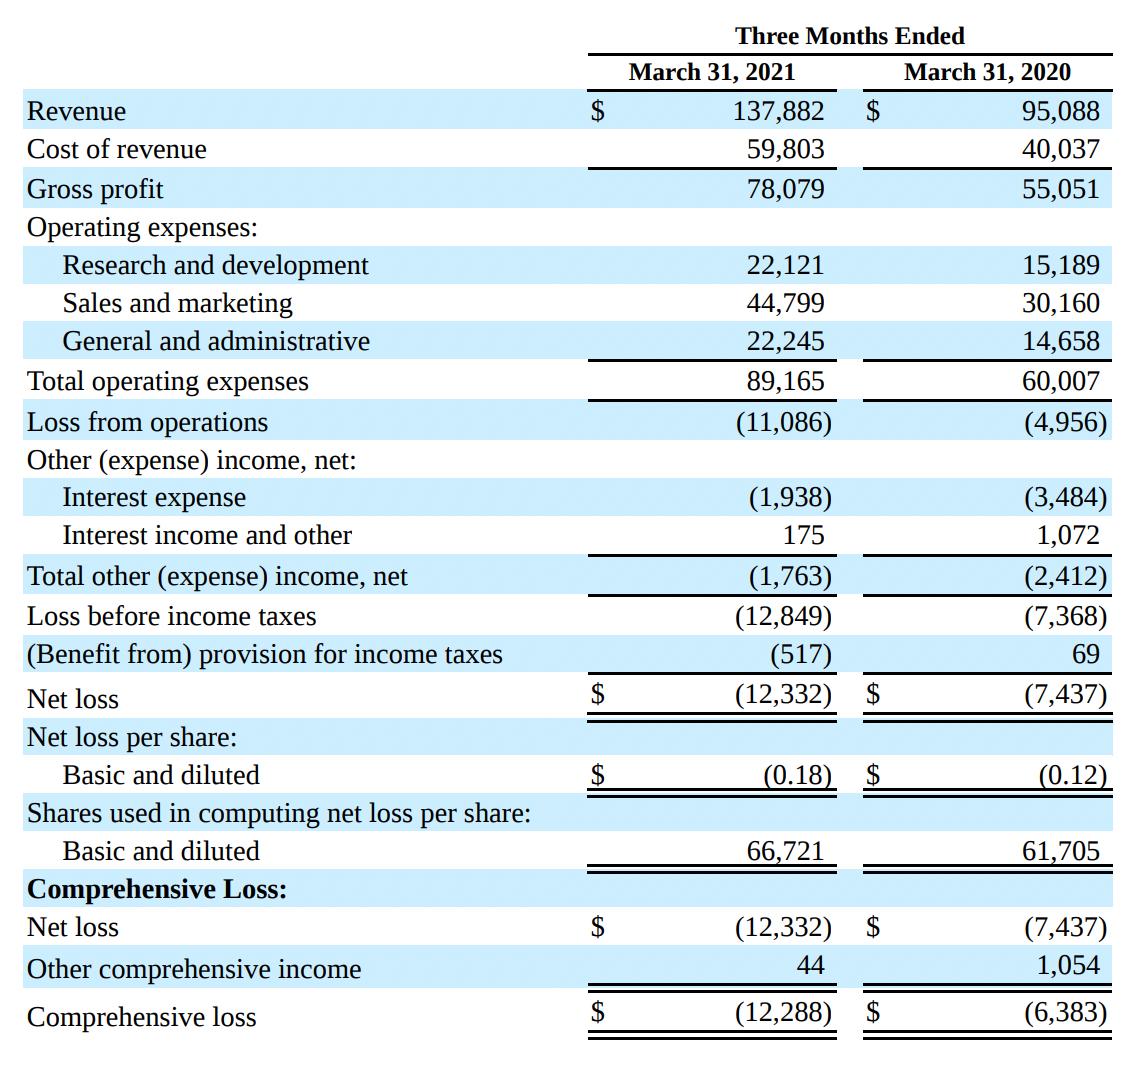 Финансовые показатели Five9. Источник: квартальный отчет Five9, стр.5(6)